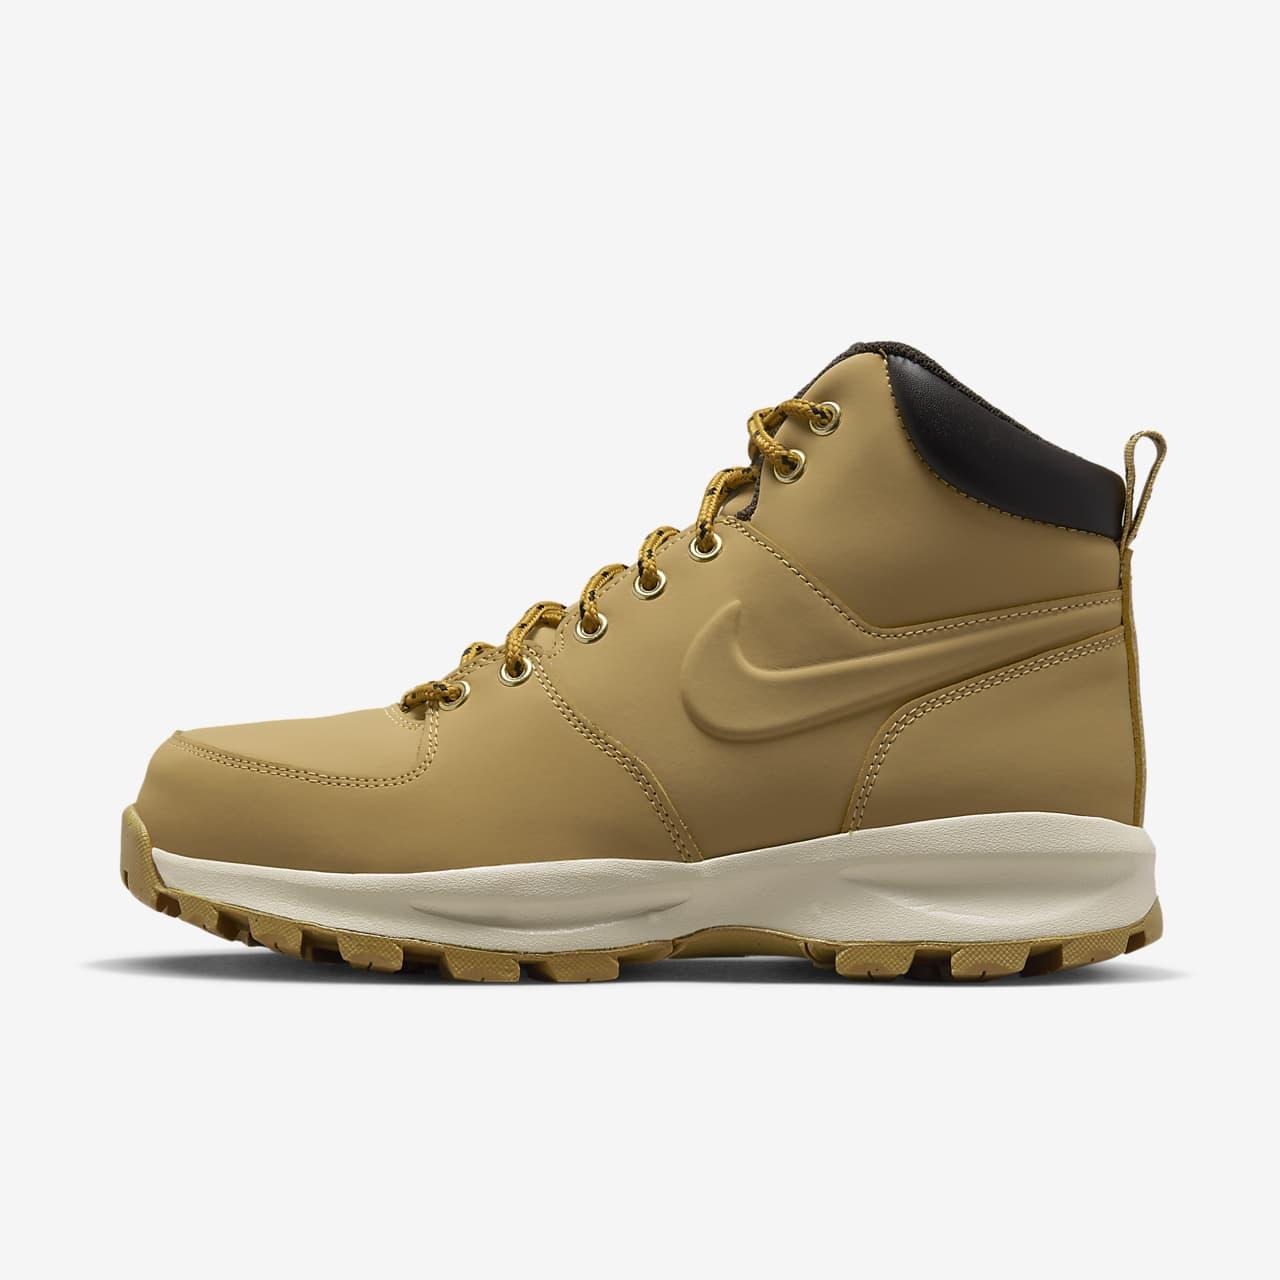 Nike Manoa Leather 男子运动鞋